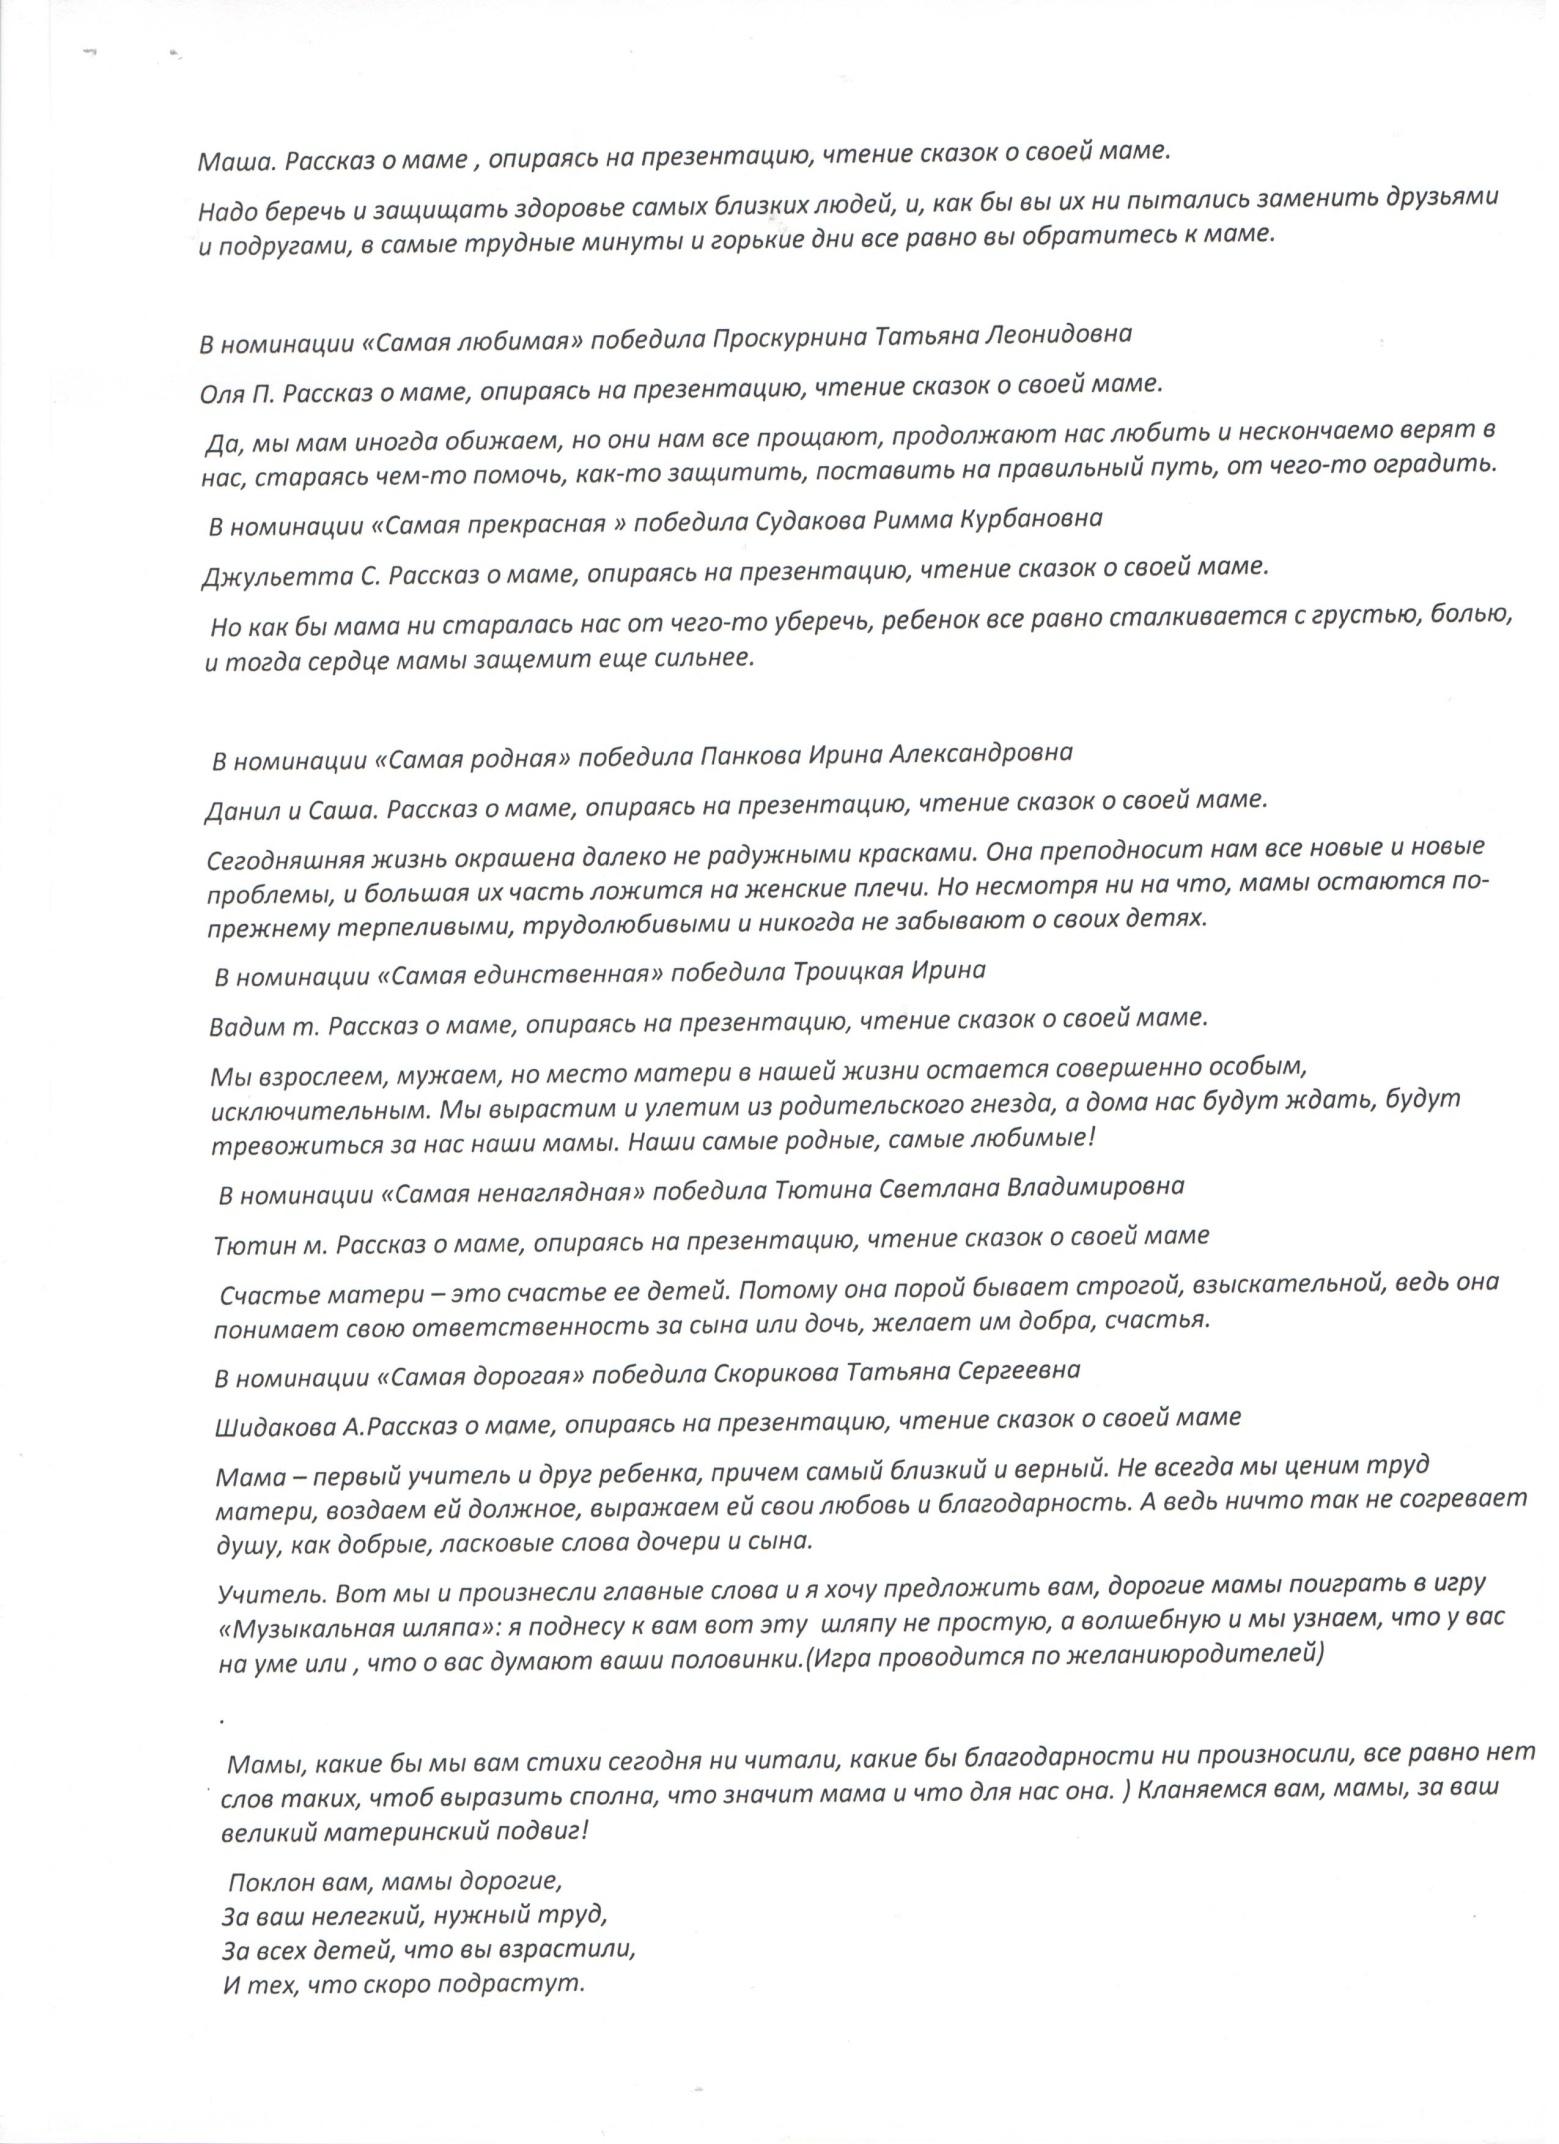 C:\Users\Пользователь\Desktop\День матери\5.jpeg